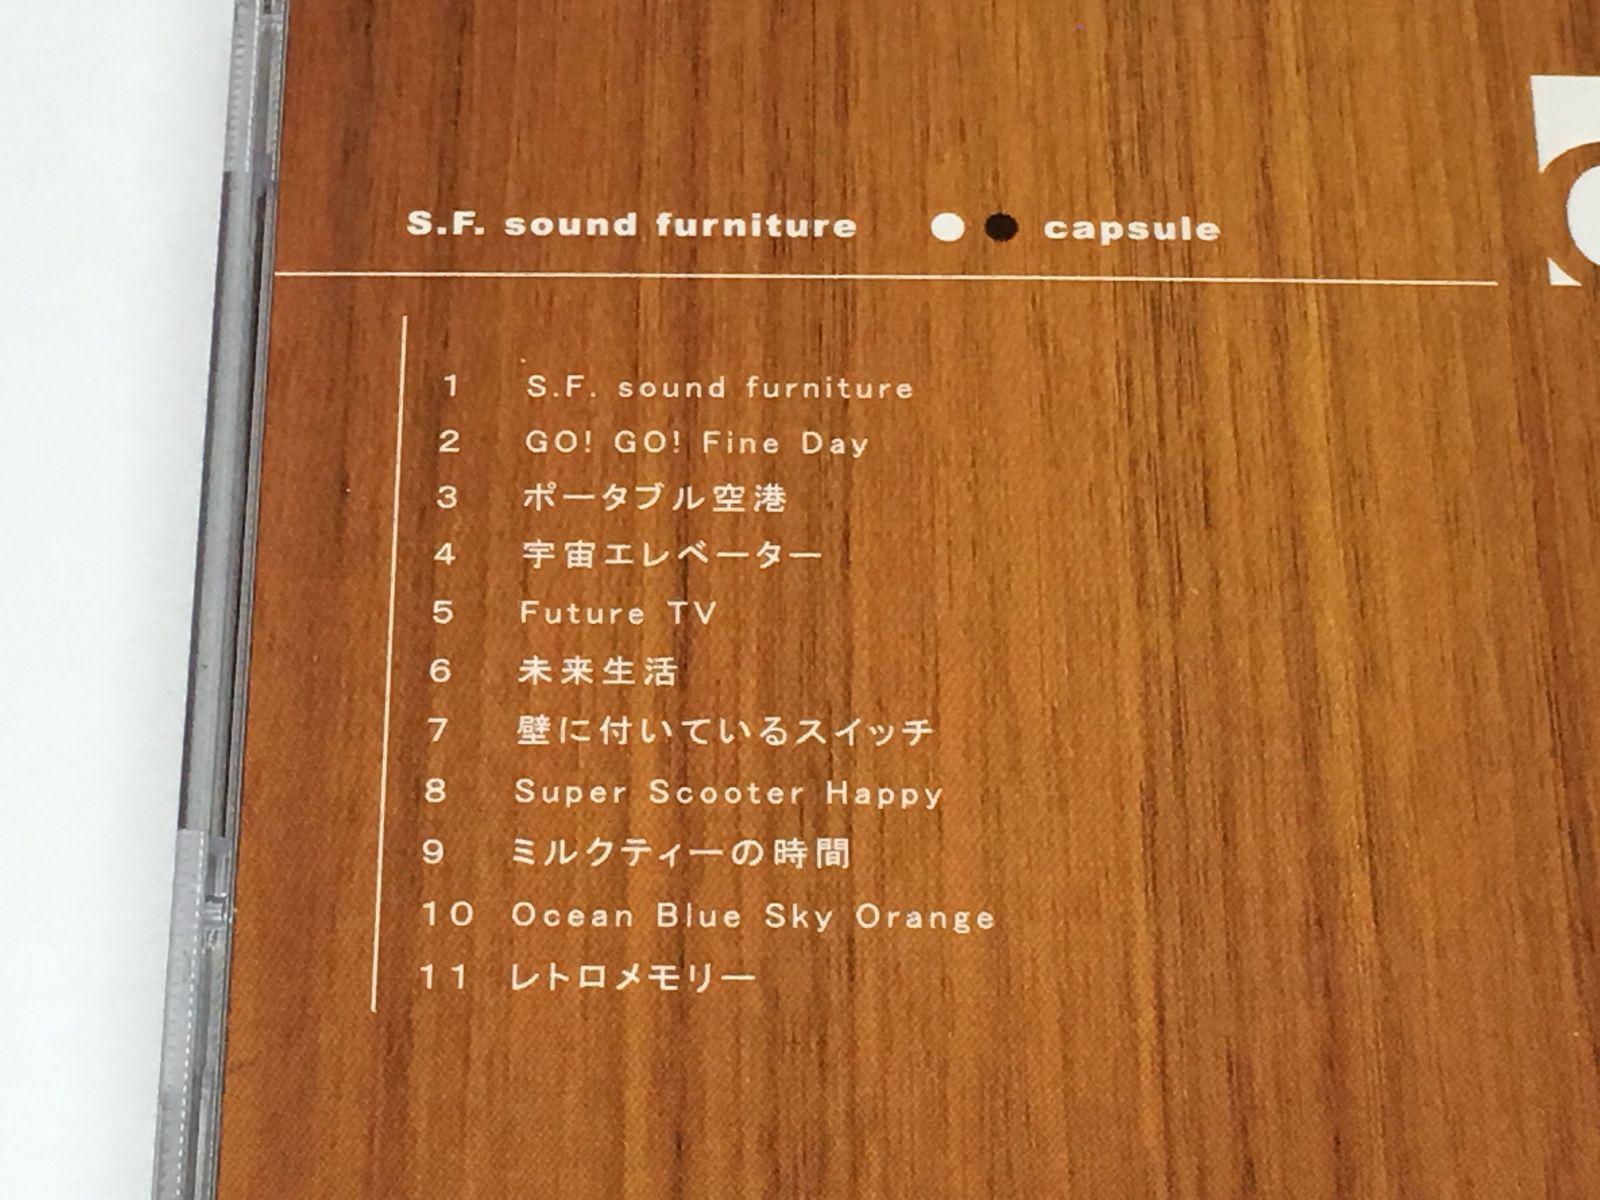 CAPSULE JAPAN VERSION ALBUM CD S.F.SOUND FURNITURE